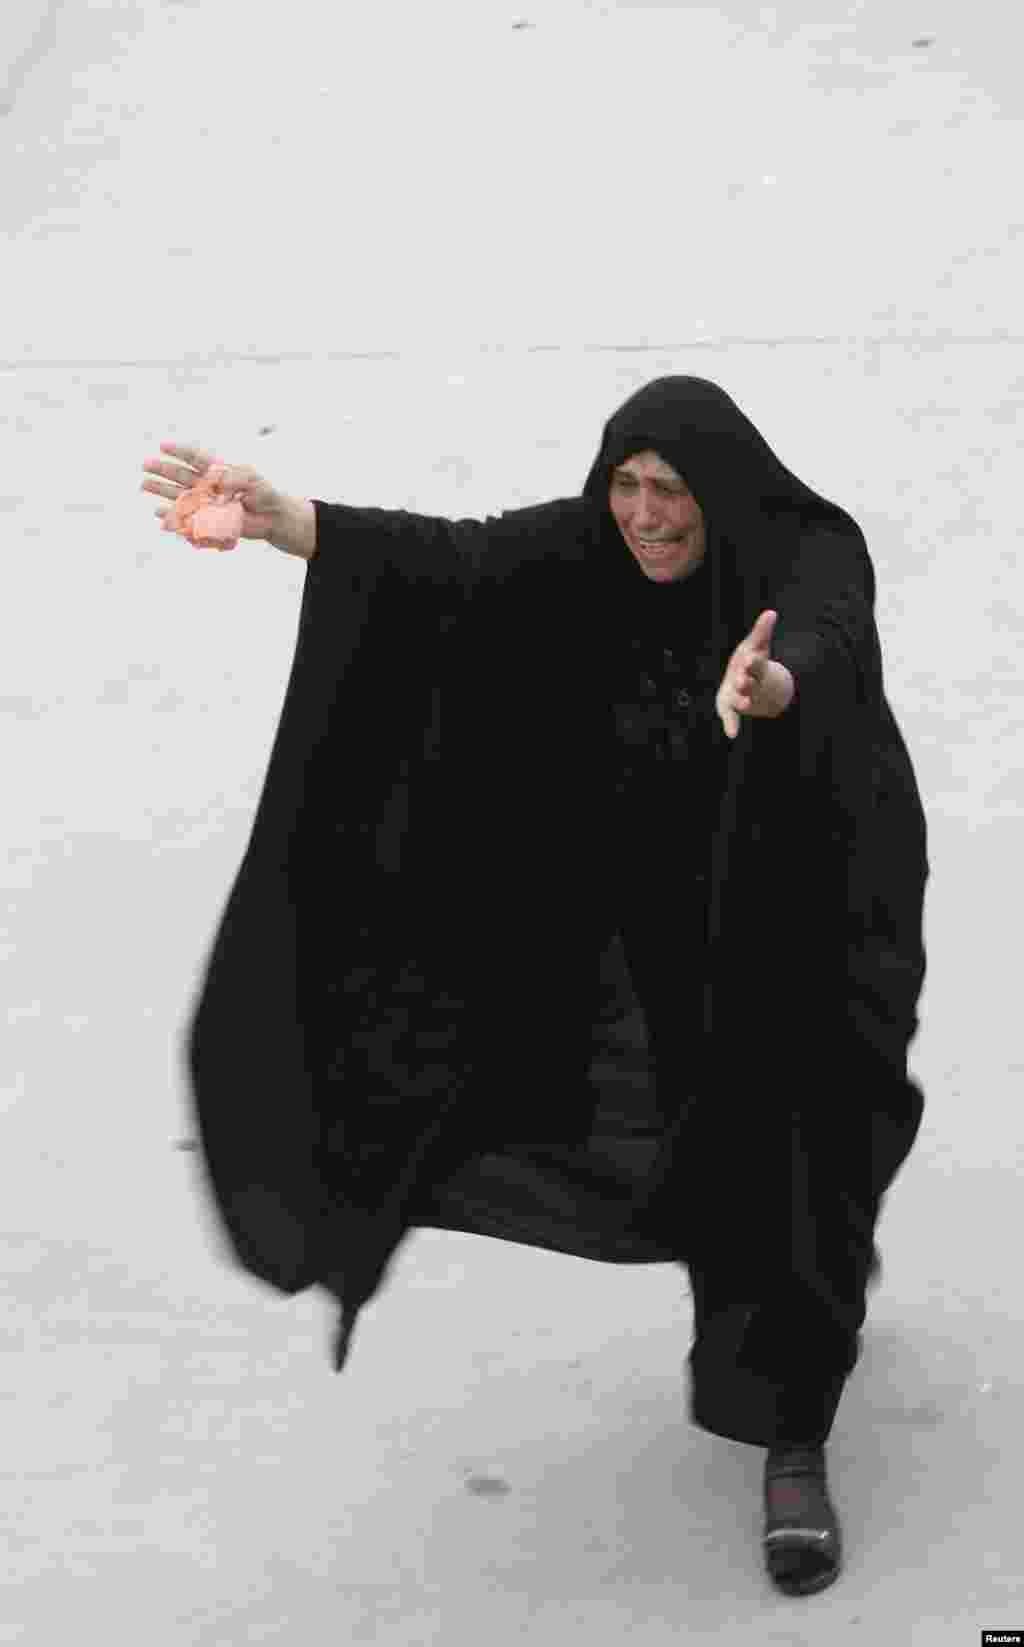 زنی در مراسم ختم يکی از قربانيان انفجار در حله (۹۰کيلومتری جنوب بغداد) عزاداری می کند. - ۱۸ اسفندماه